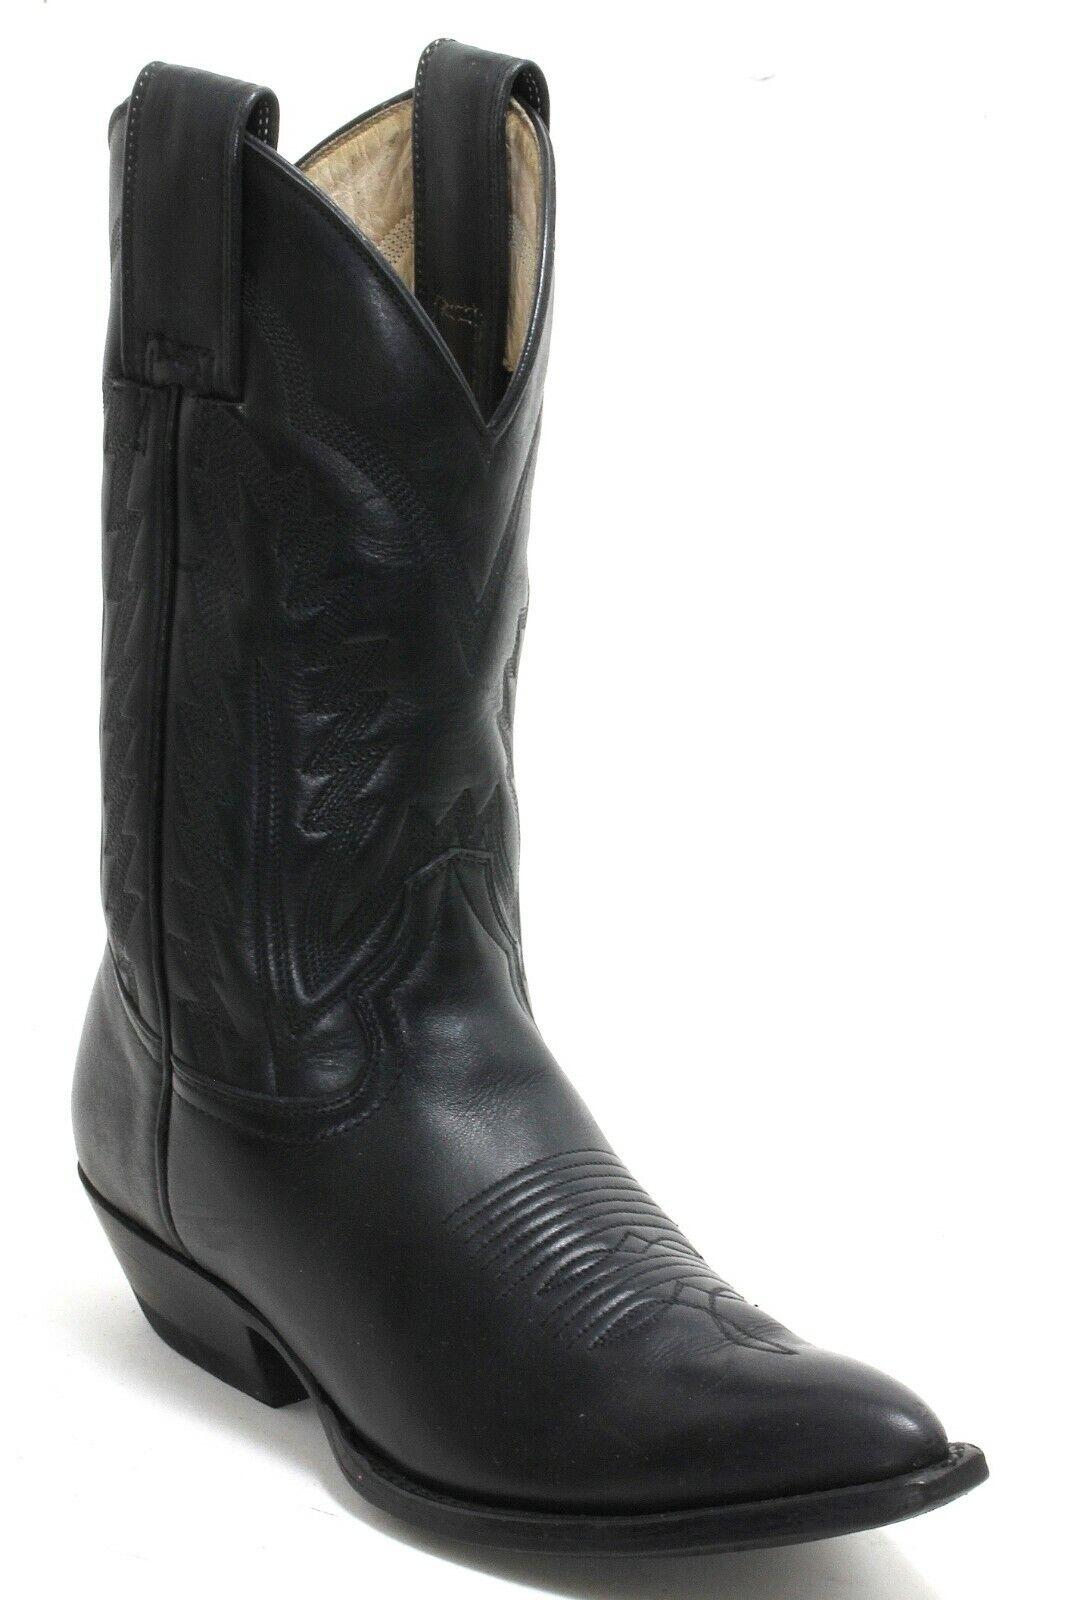 Western bottes bottes De Cowboy catalan Style Line Dance Montana Mexique noir 36,5